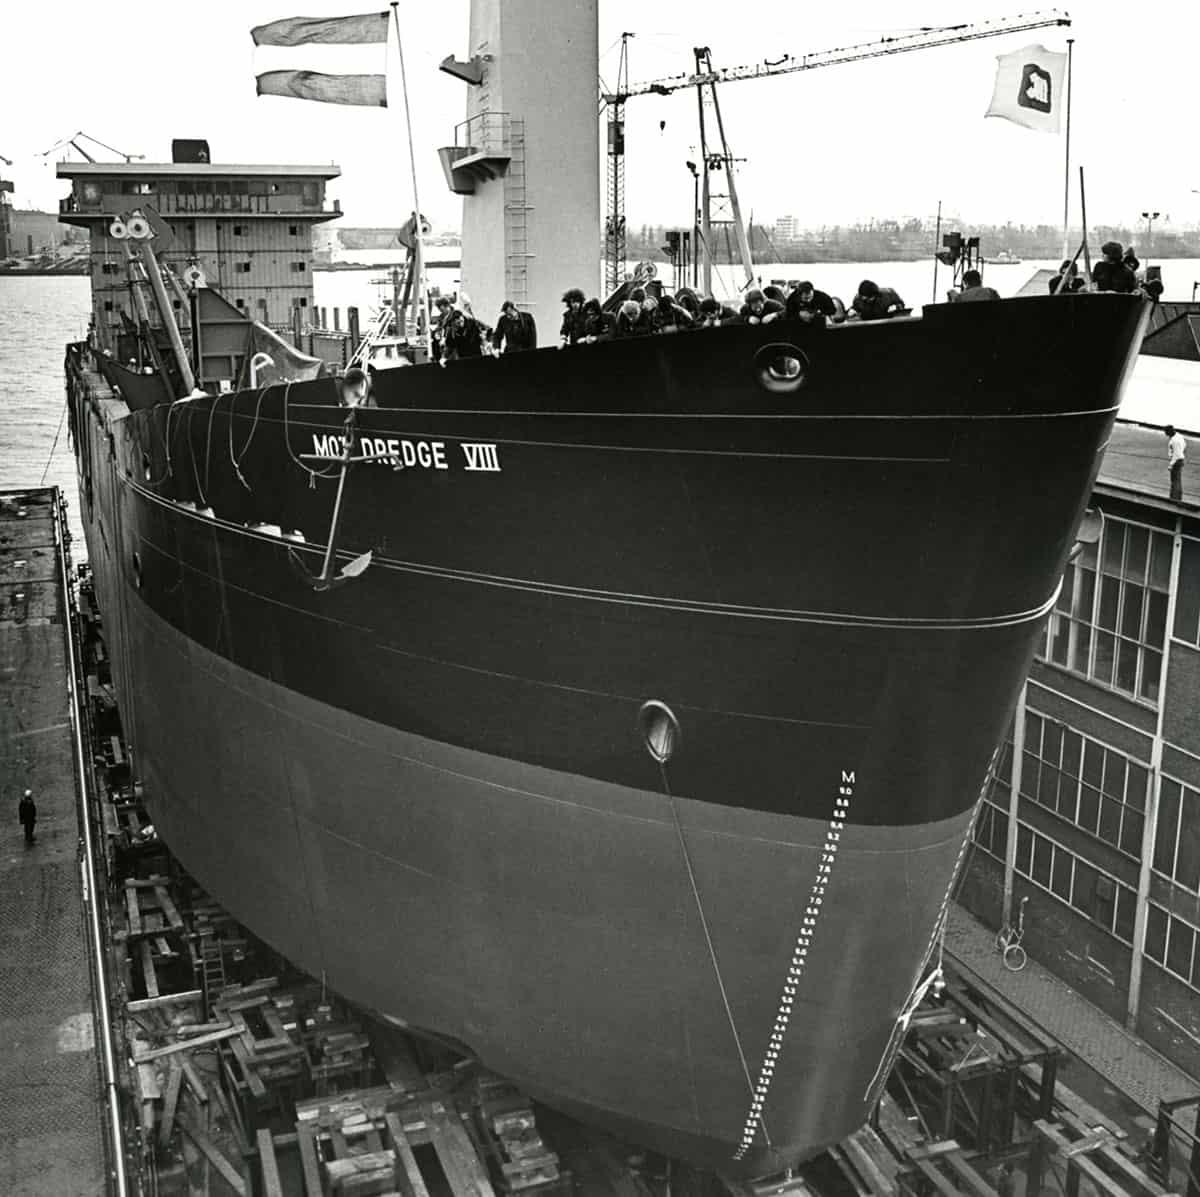 Proefvaart MOT DREDGE VIII (Co. 880)